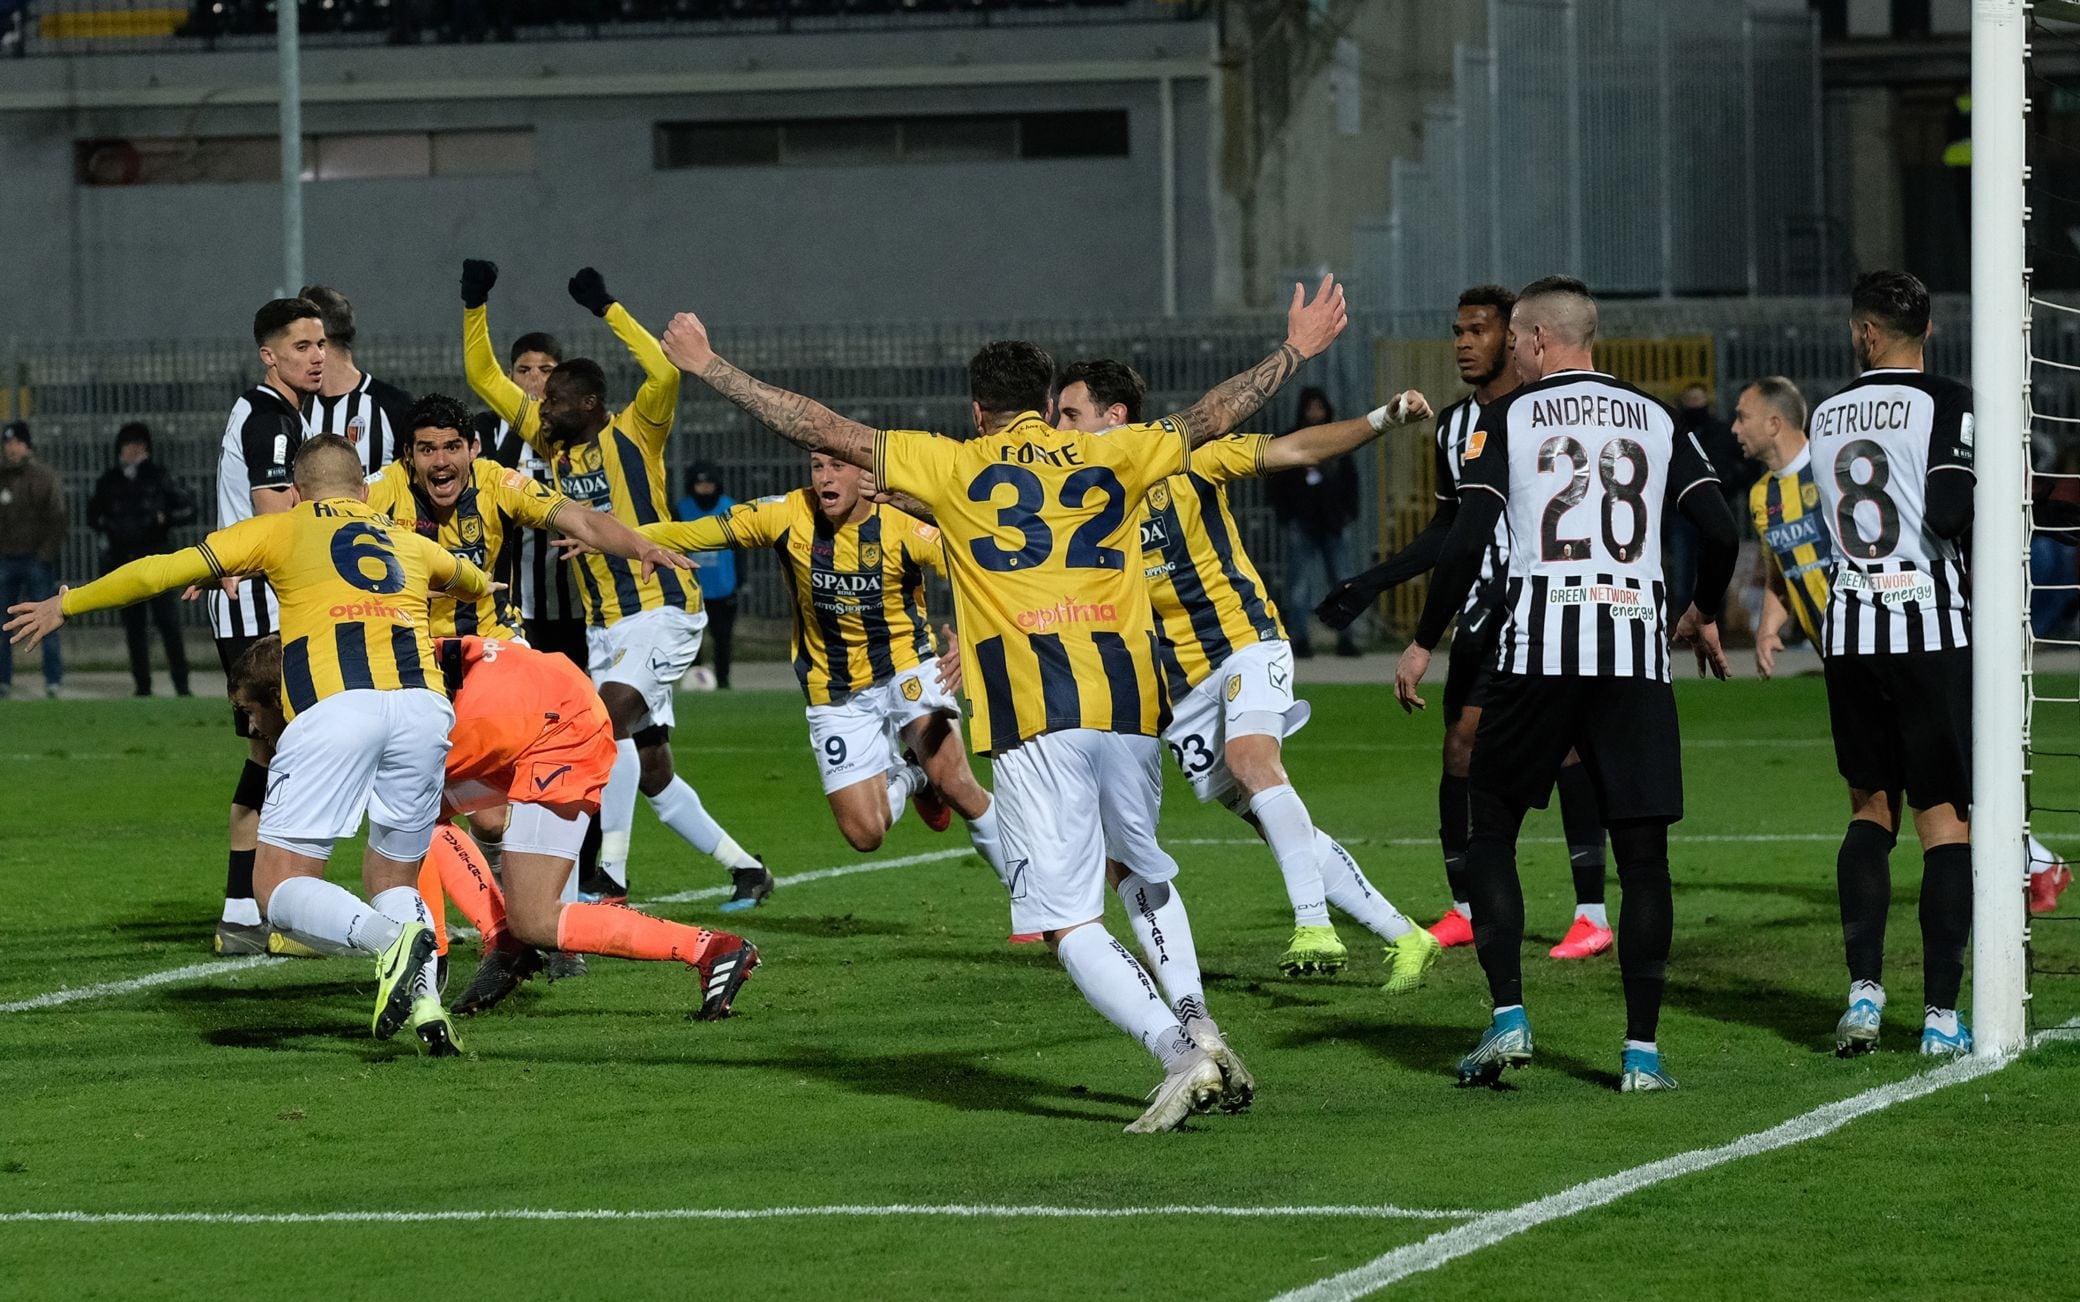 L'esultanza della Juve Stabia dopo il 2-2 del portiere Provedel contro l'Ascoli